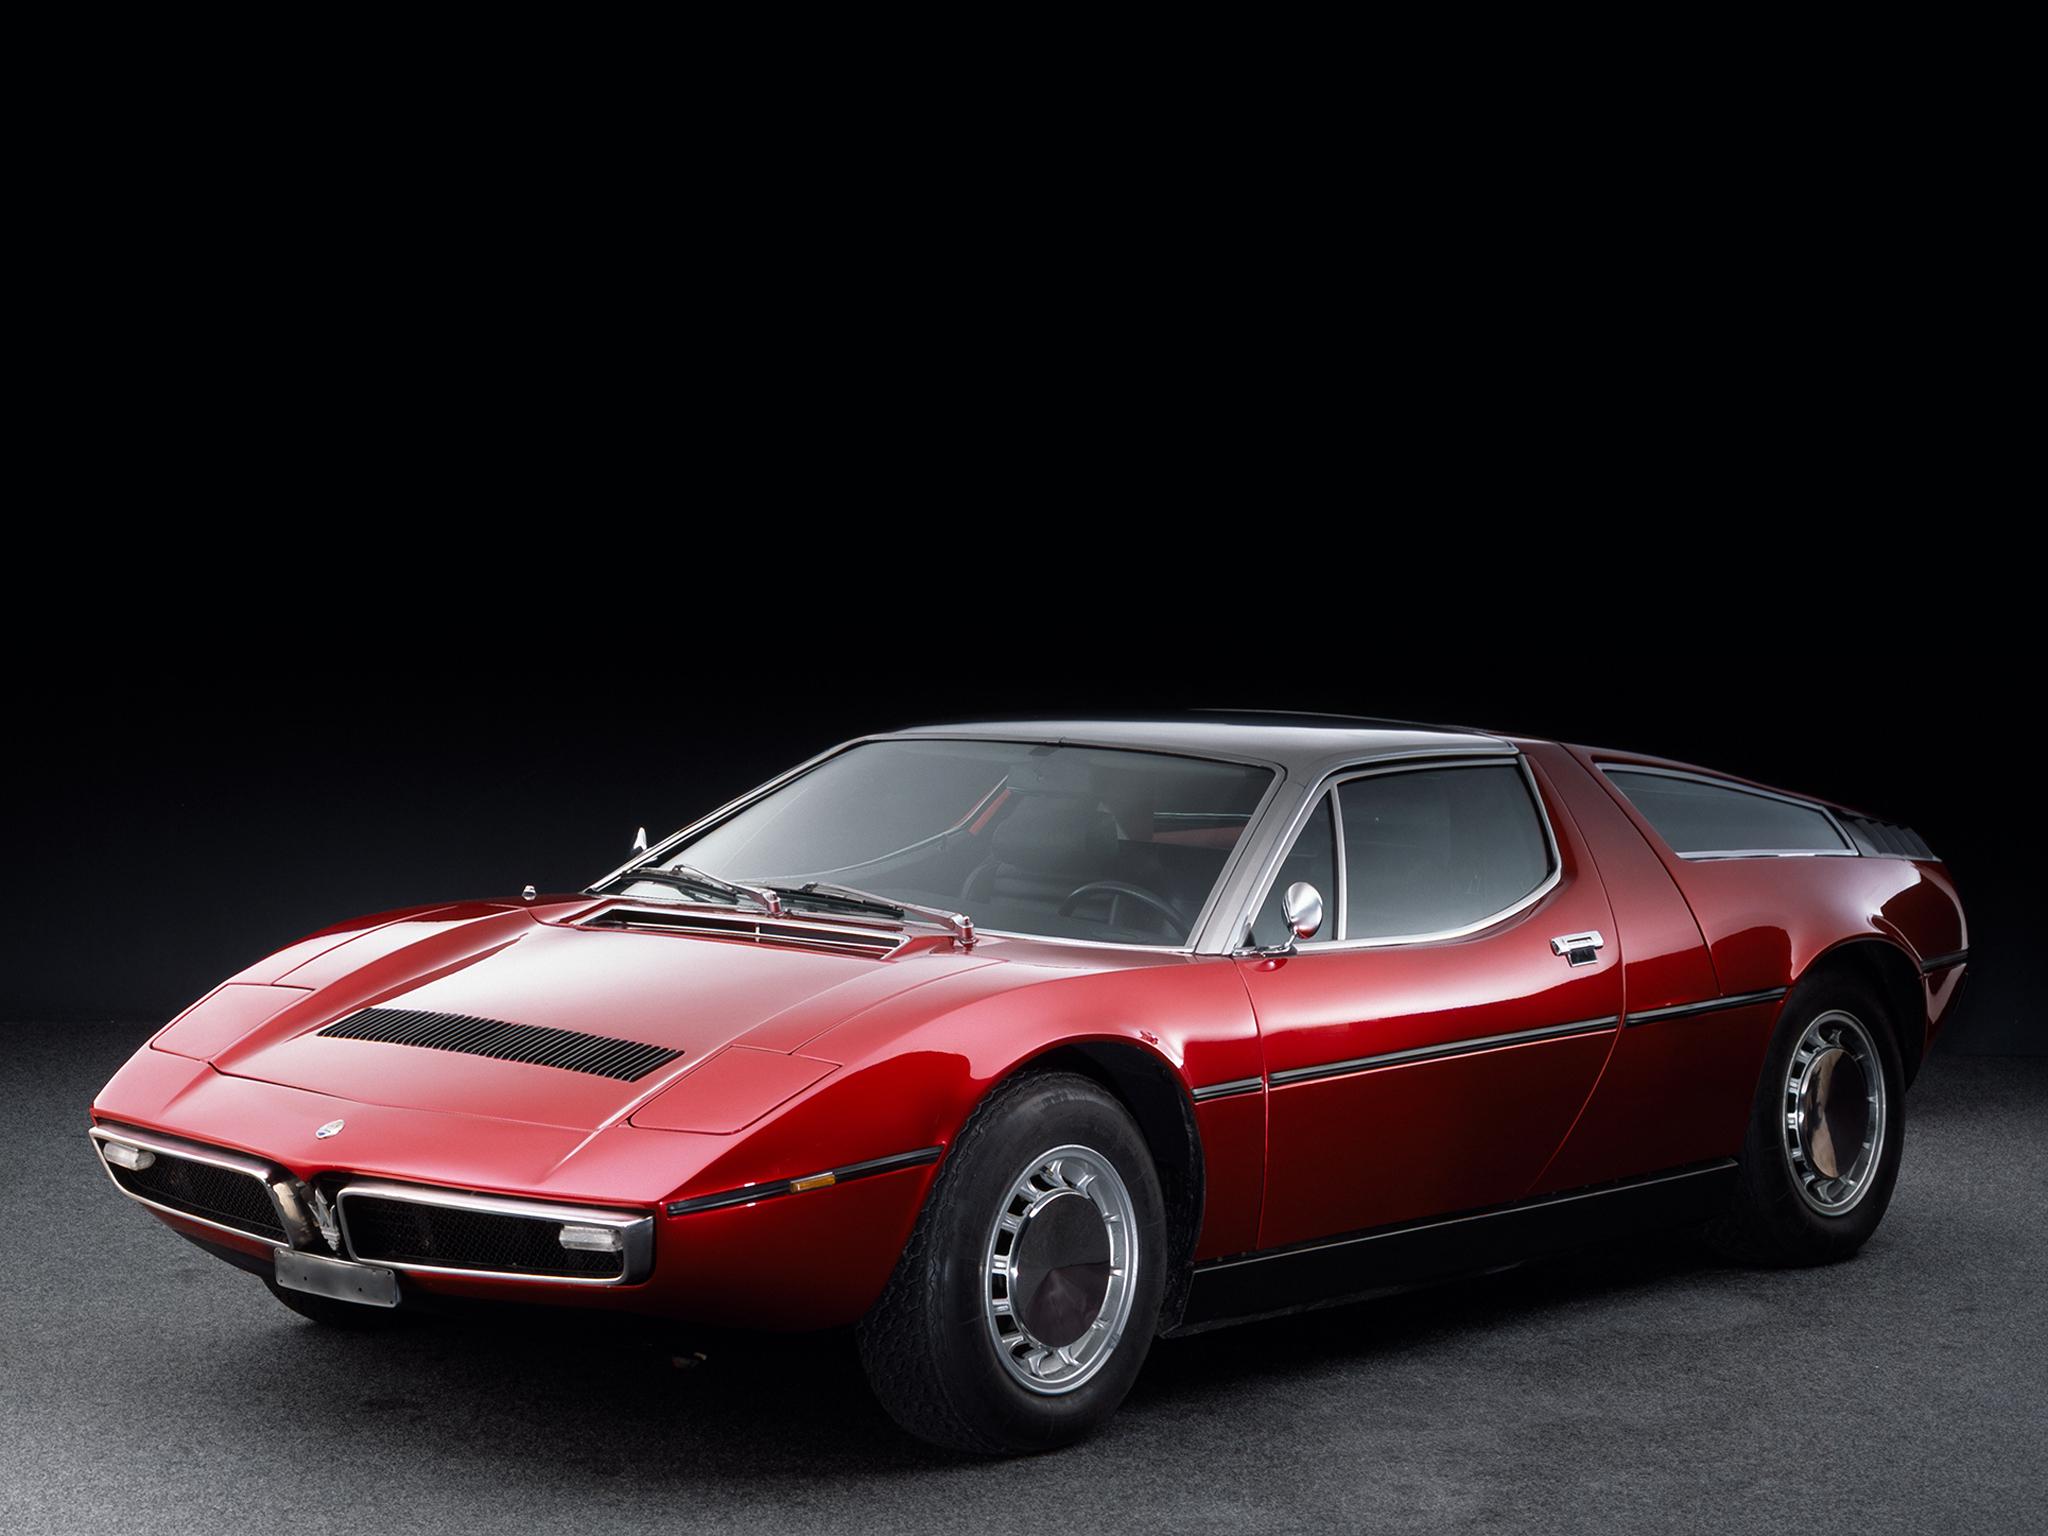 Maserati >> 1971-78 Maserati Bora (AM117) supercar classic r wallpaper ...